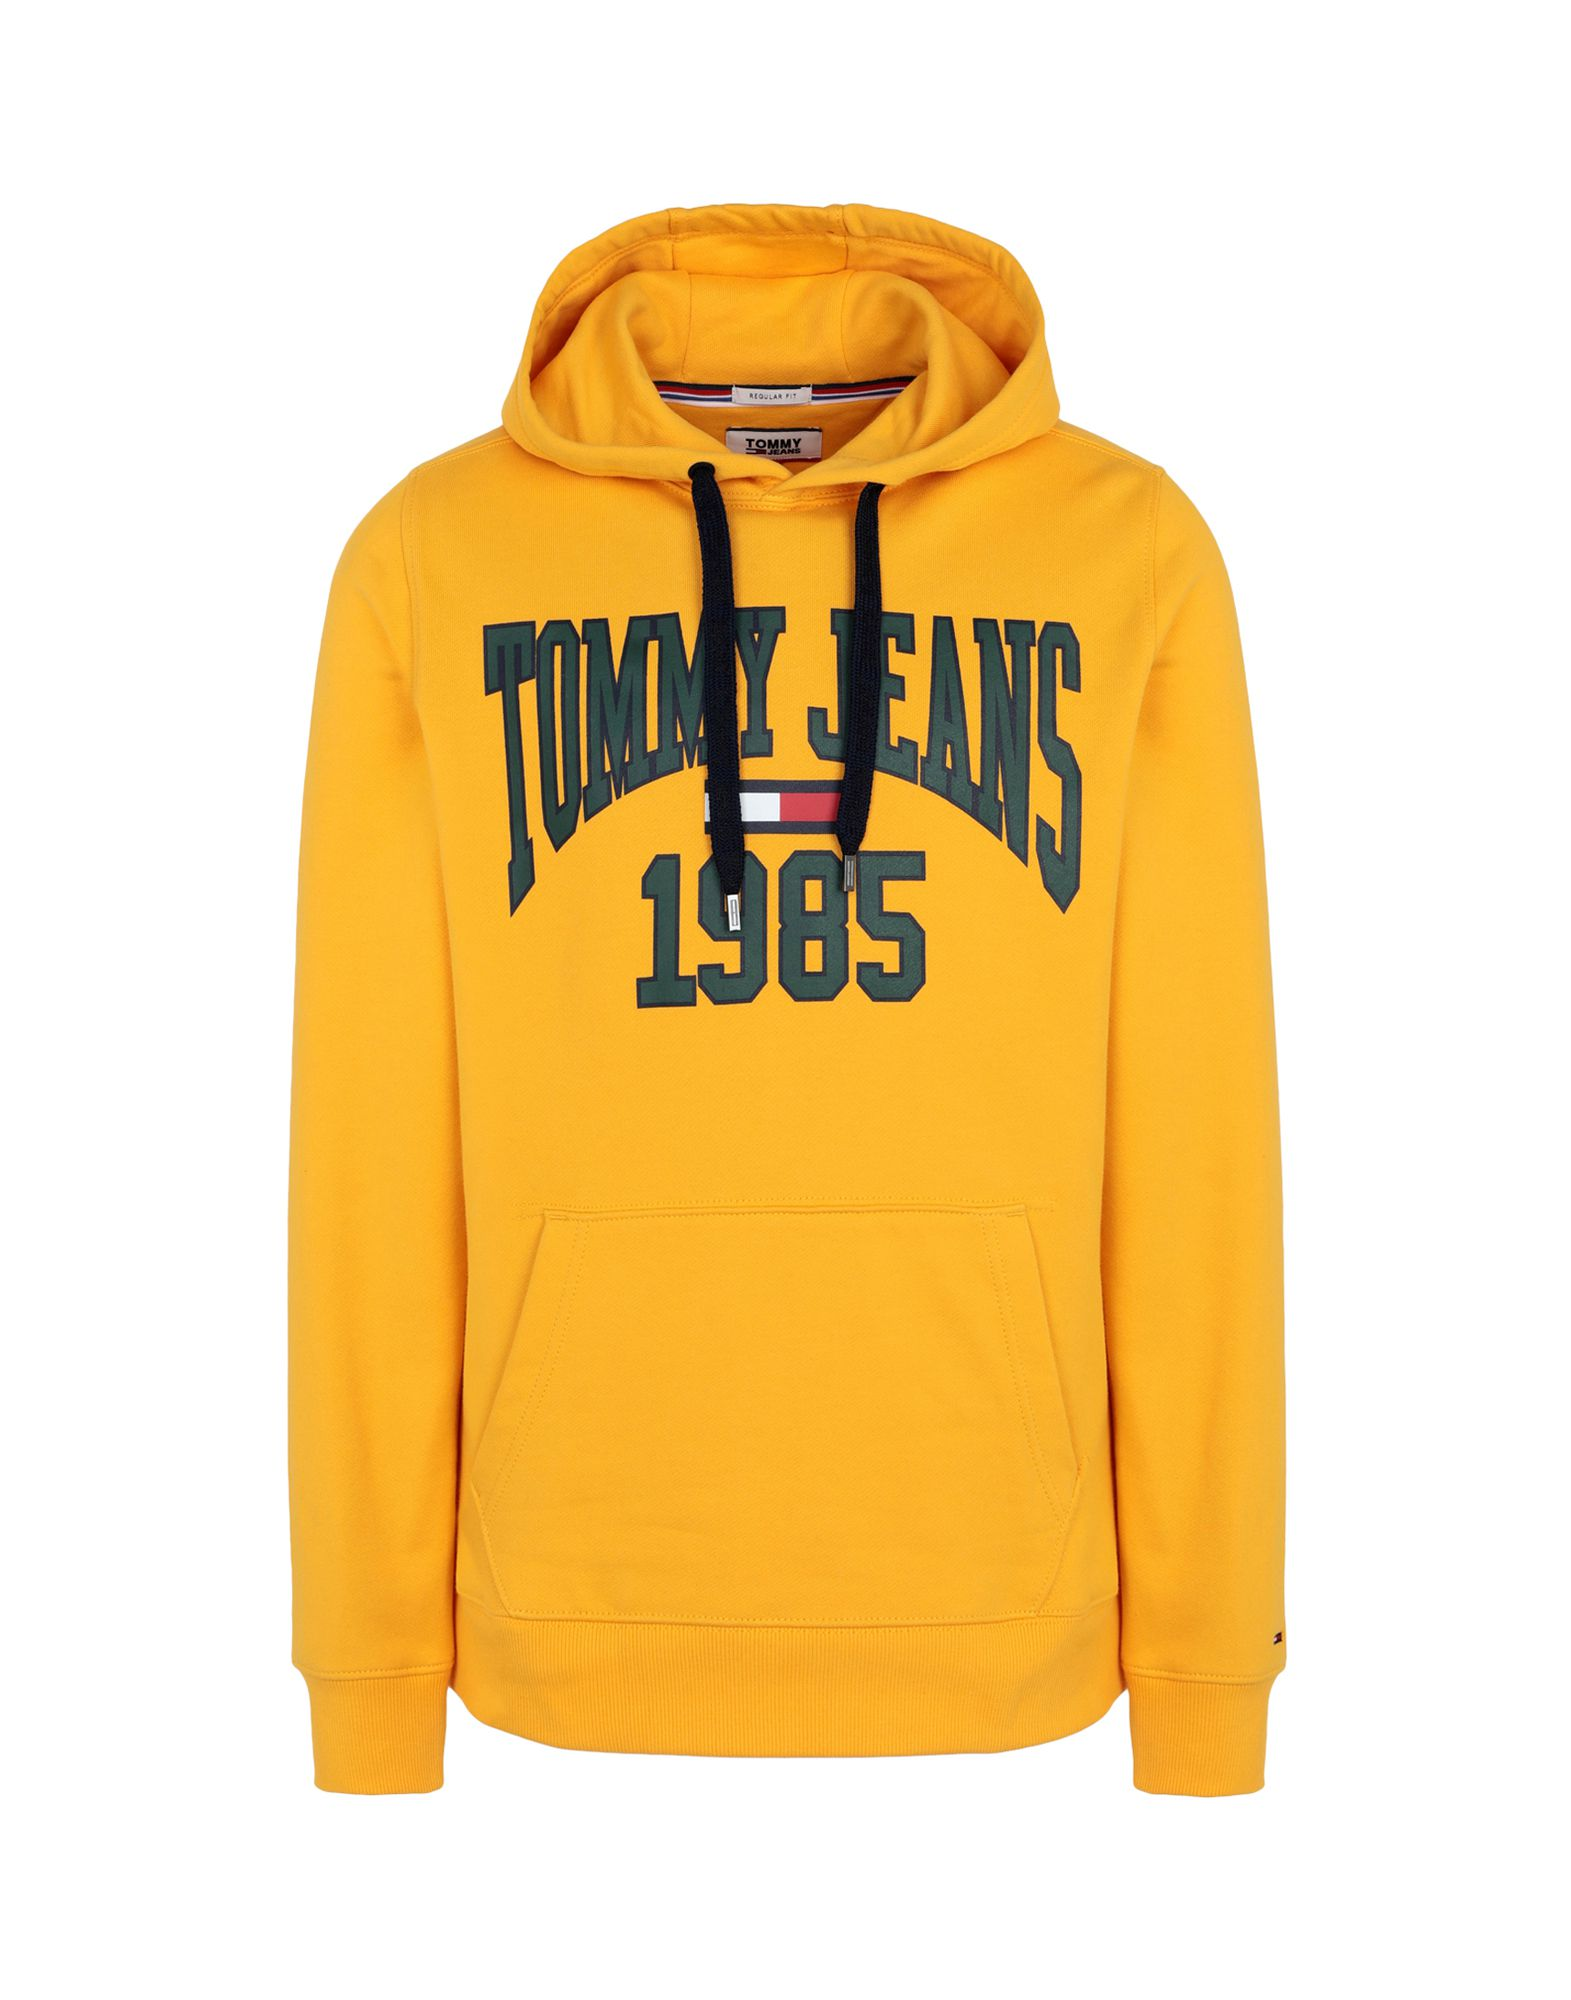 TOMMY JEANS Herren Sweatshirt6 gelb